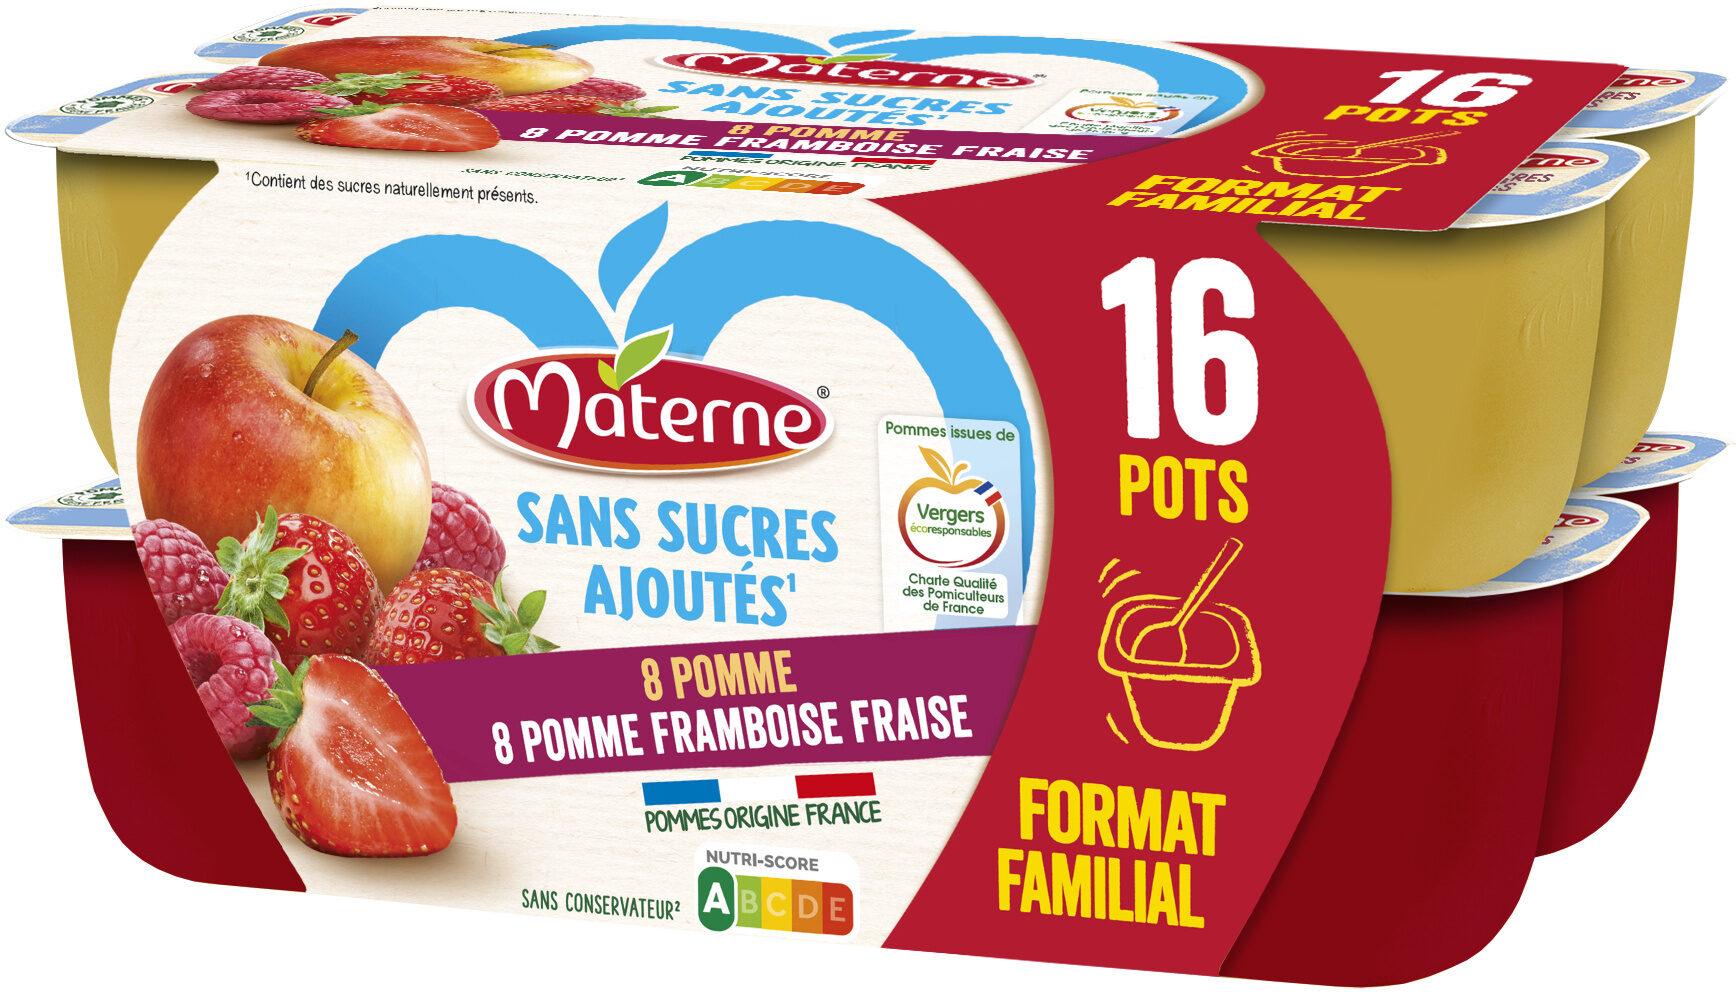 MATERNE SSA Pomme/Pomme Framboise Fraise 16x100g Format Familial - Produit - fr